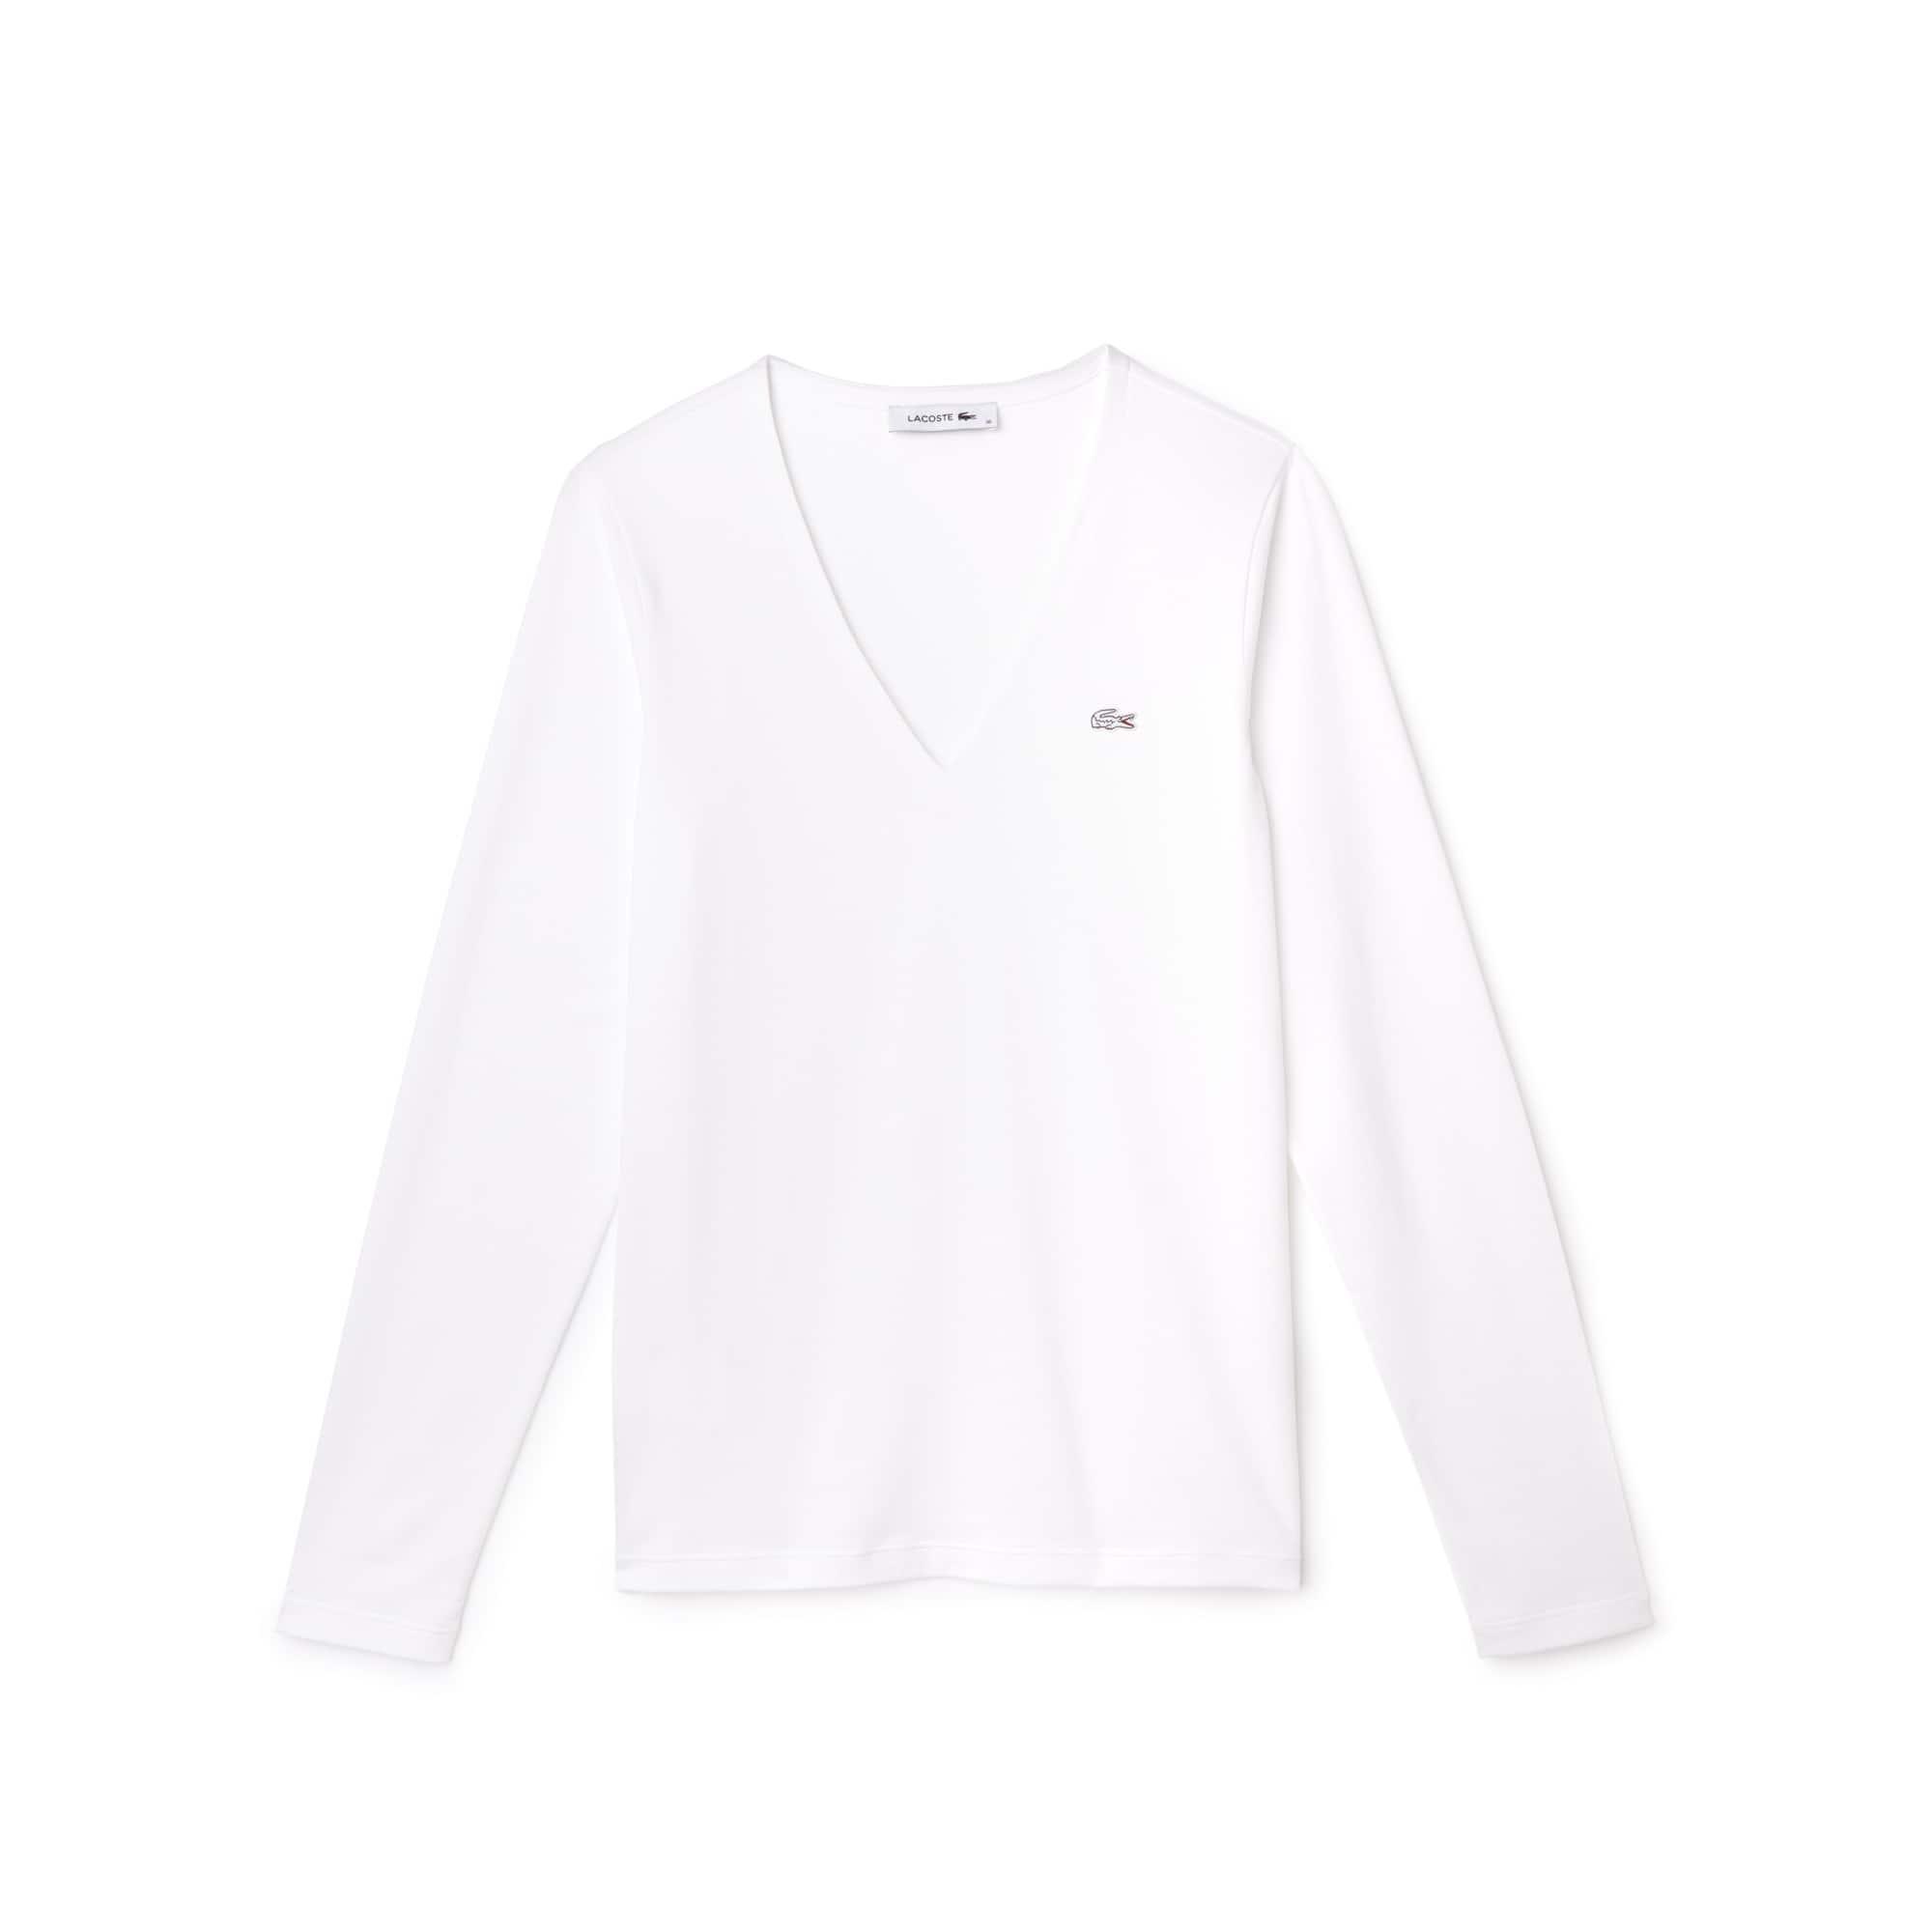 T-shirt con collo a V a maniche lunghe in jersey di cotone fluido tinta unita